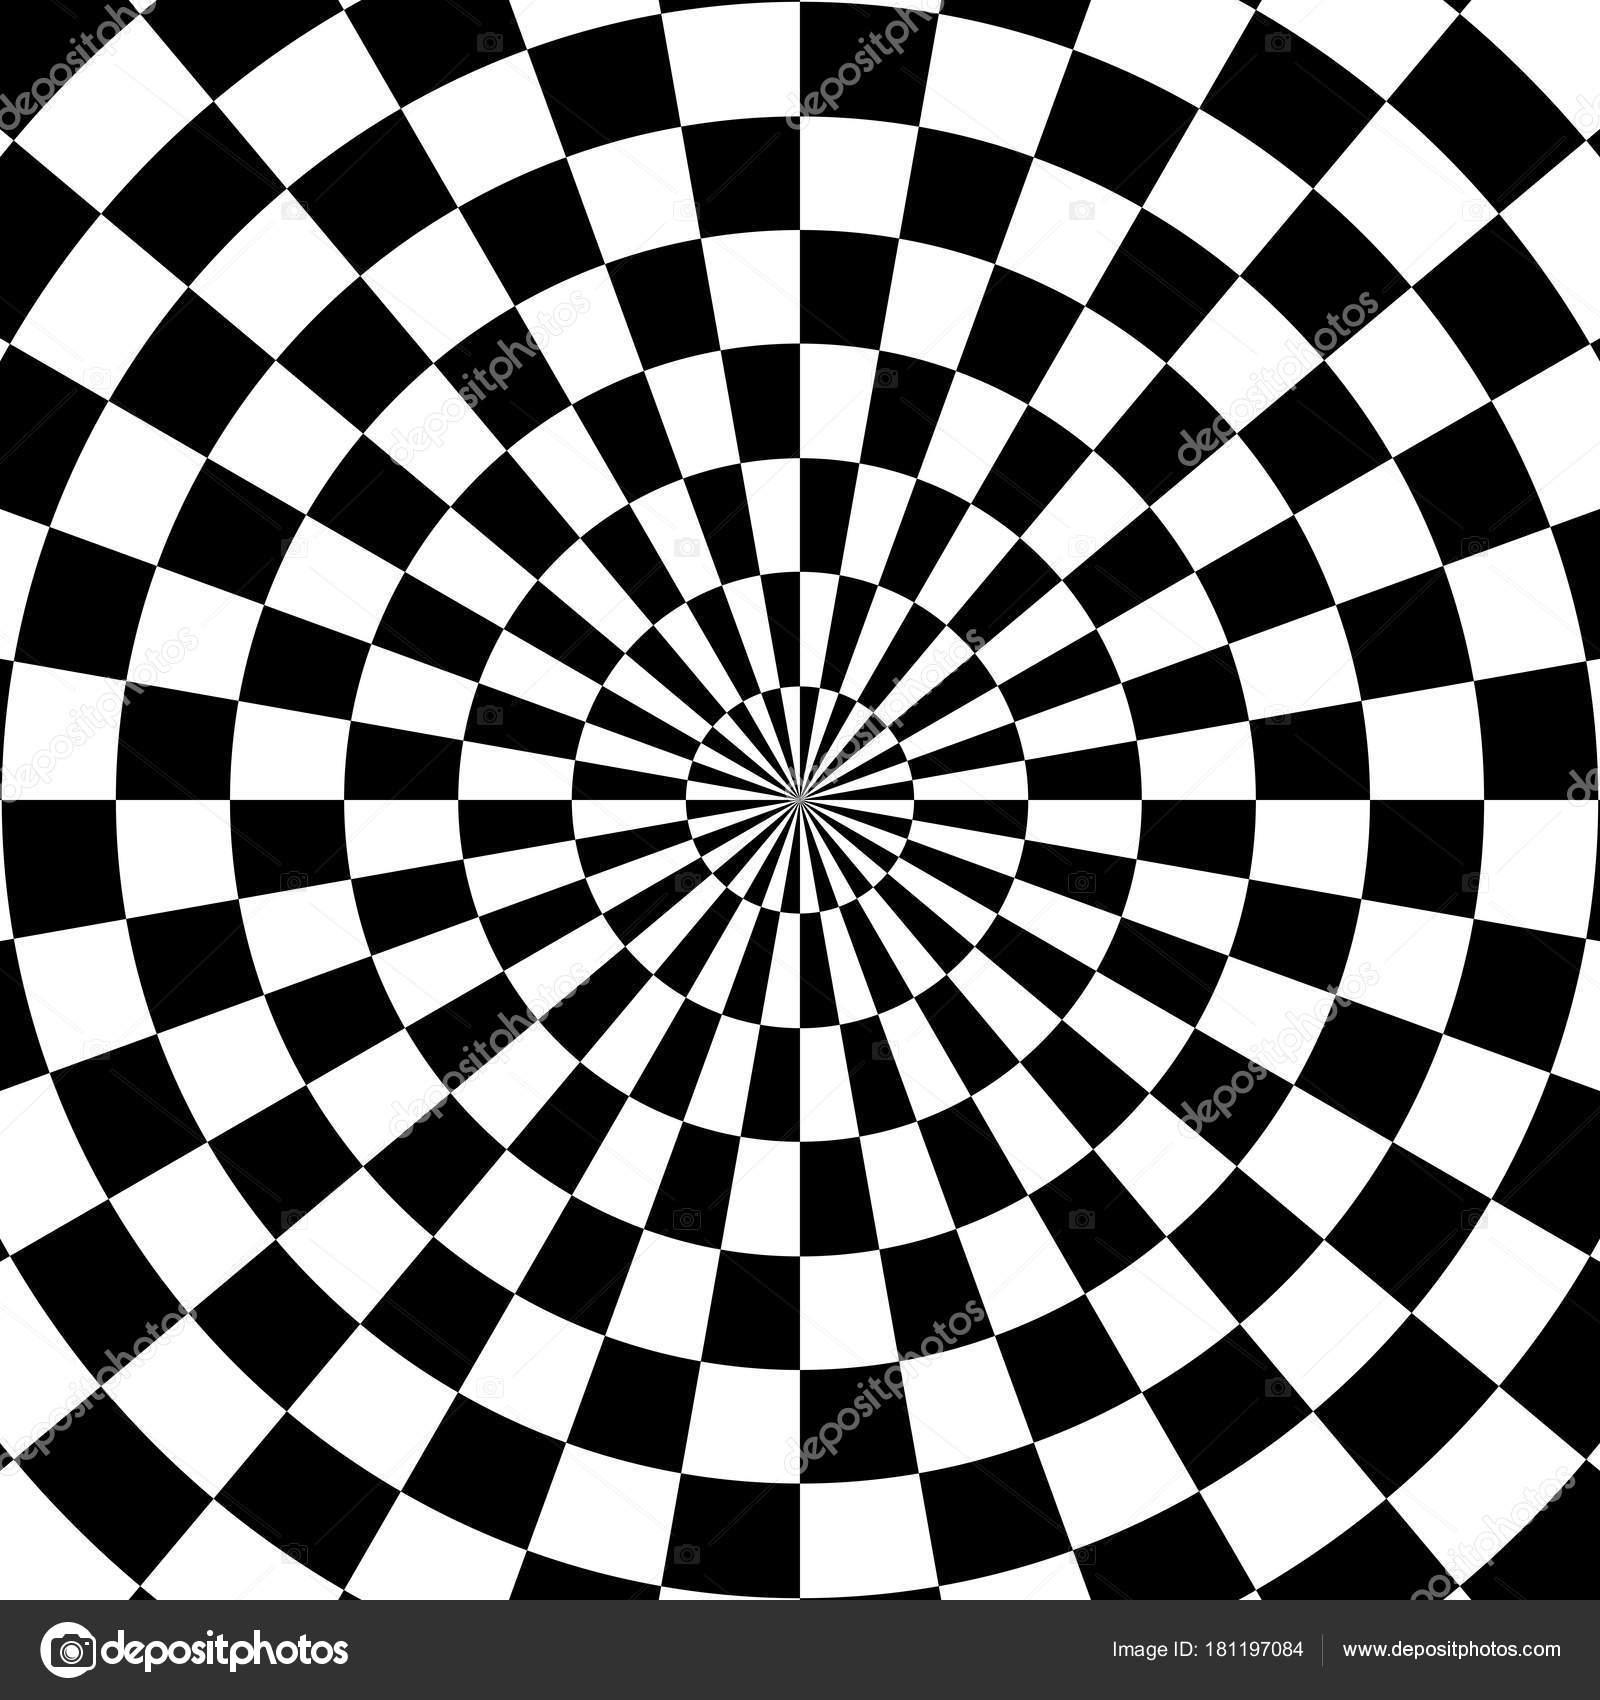 fundo preto branco fundo ilustração preto branco como uma decoração